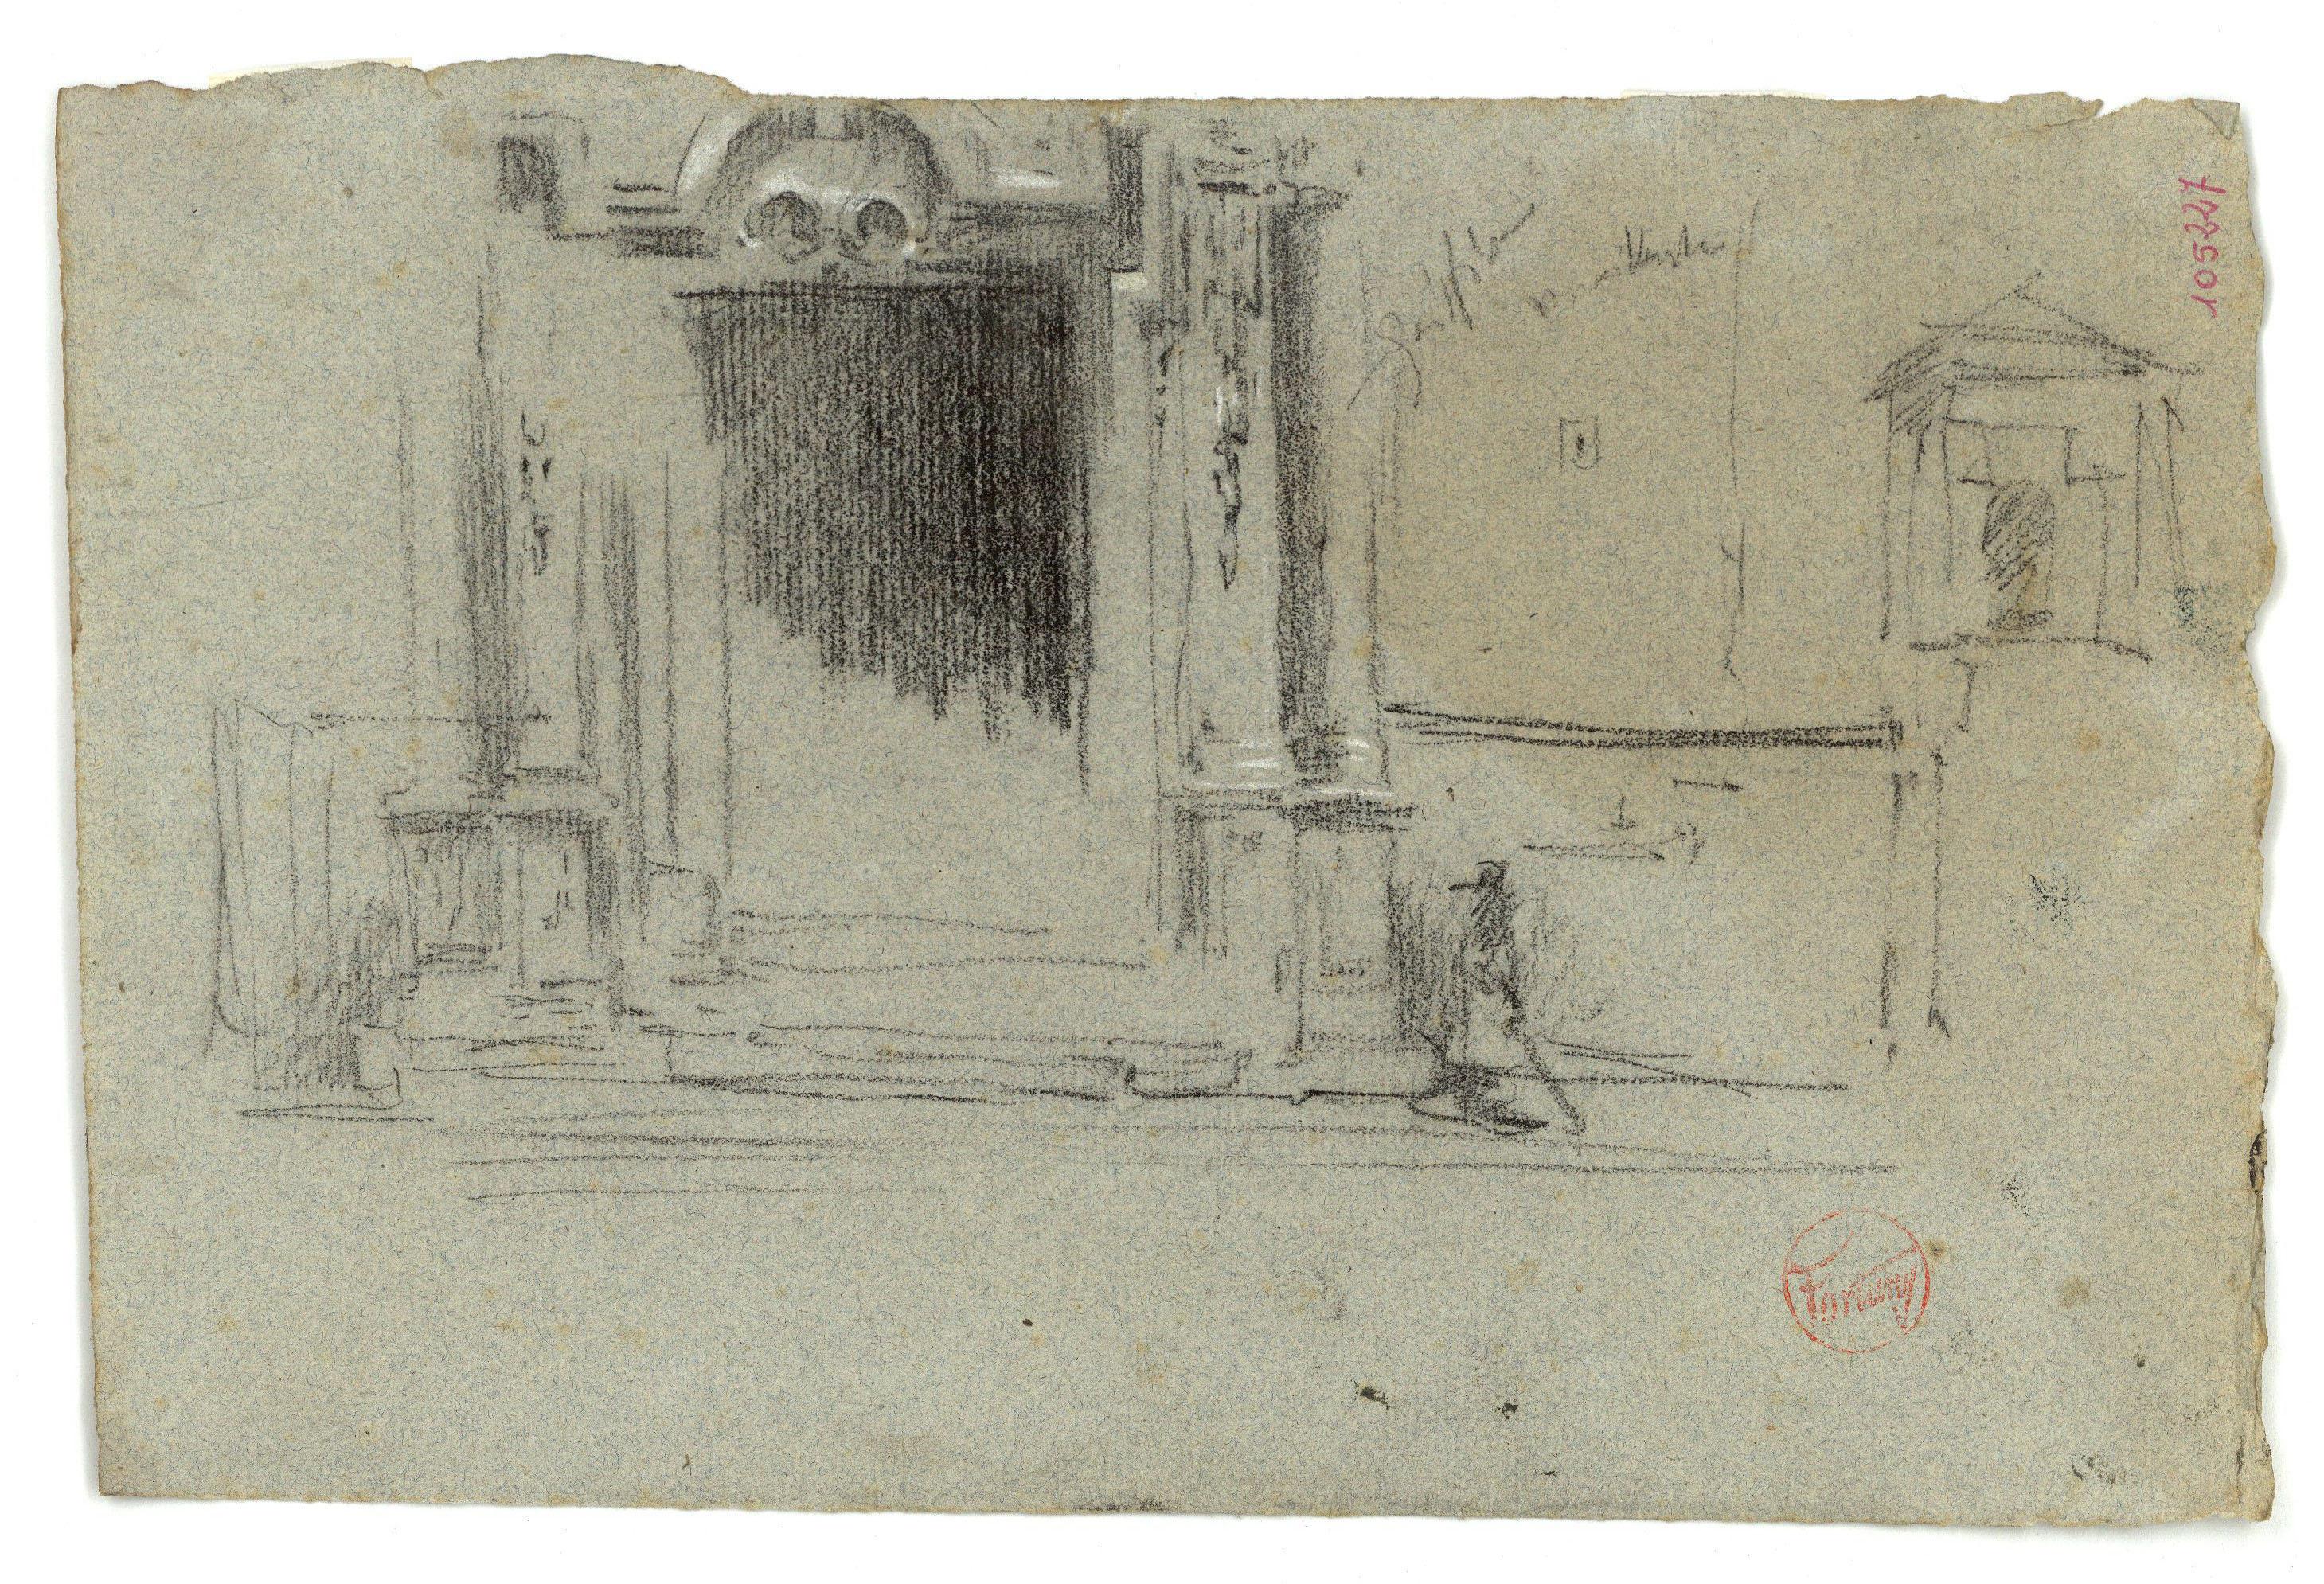 Marià Fortuny - Portada - Cap a 1867-1872